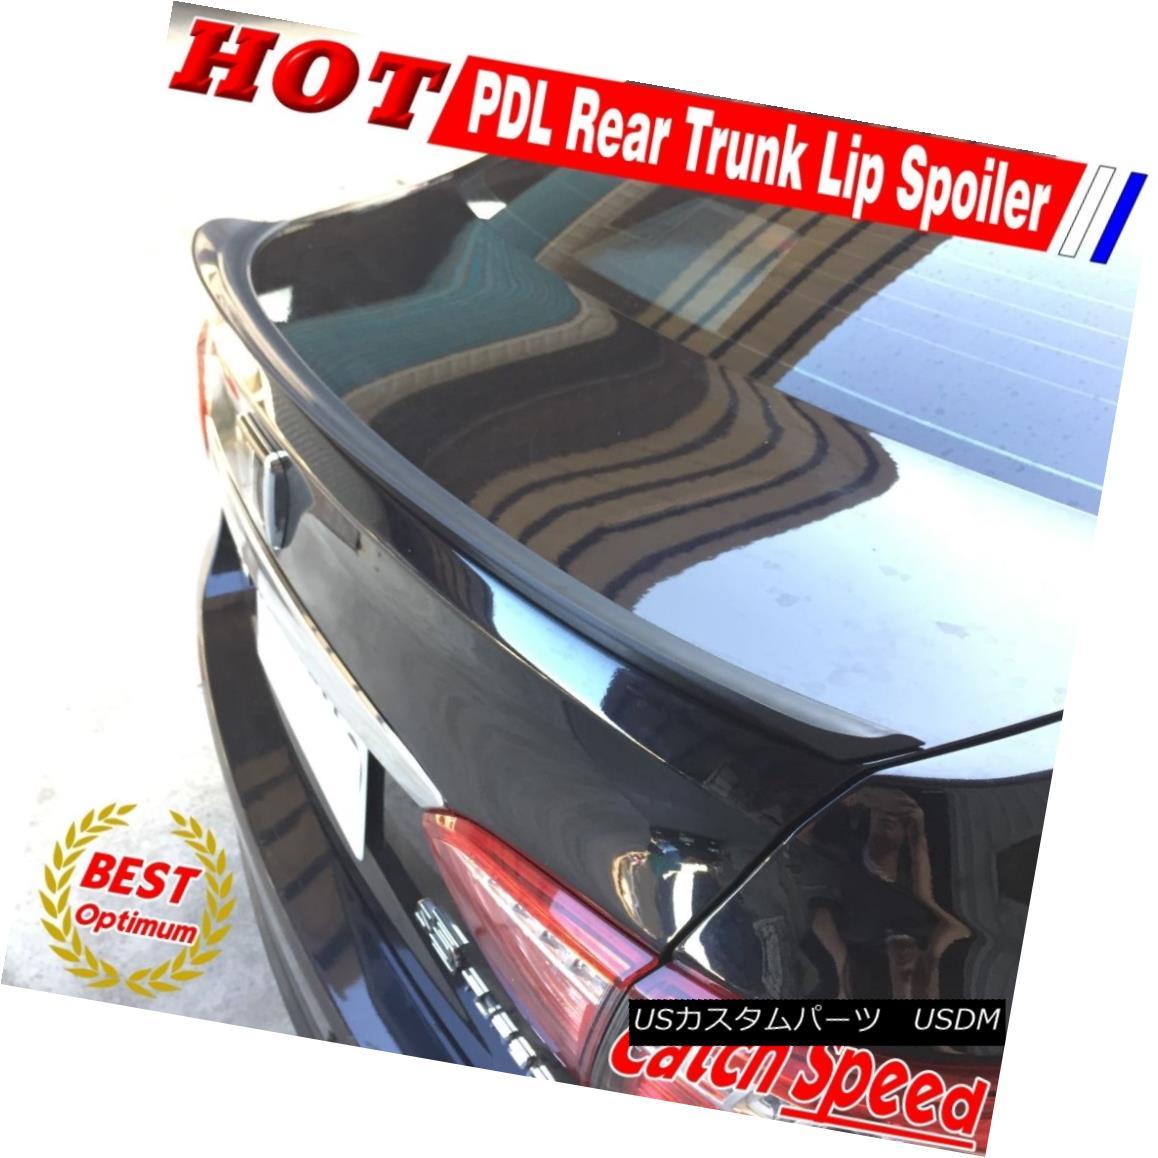 エアロパーツ Painted P Style Rear Trunk Spoiler Wing For Cadillac STS Sedan 2005 2006 2007 ペイントされたPスタイルのリアトランク・スポイラー・ウィング・キャデラックSTSセダン2005 2006 2007